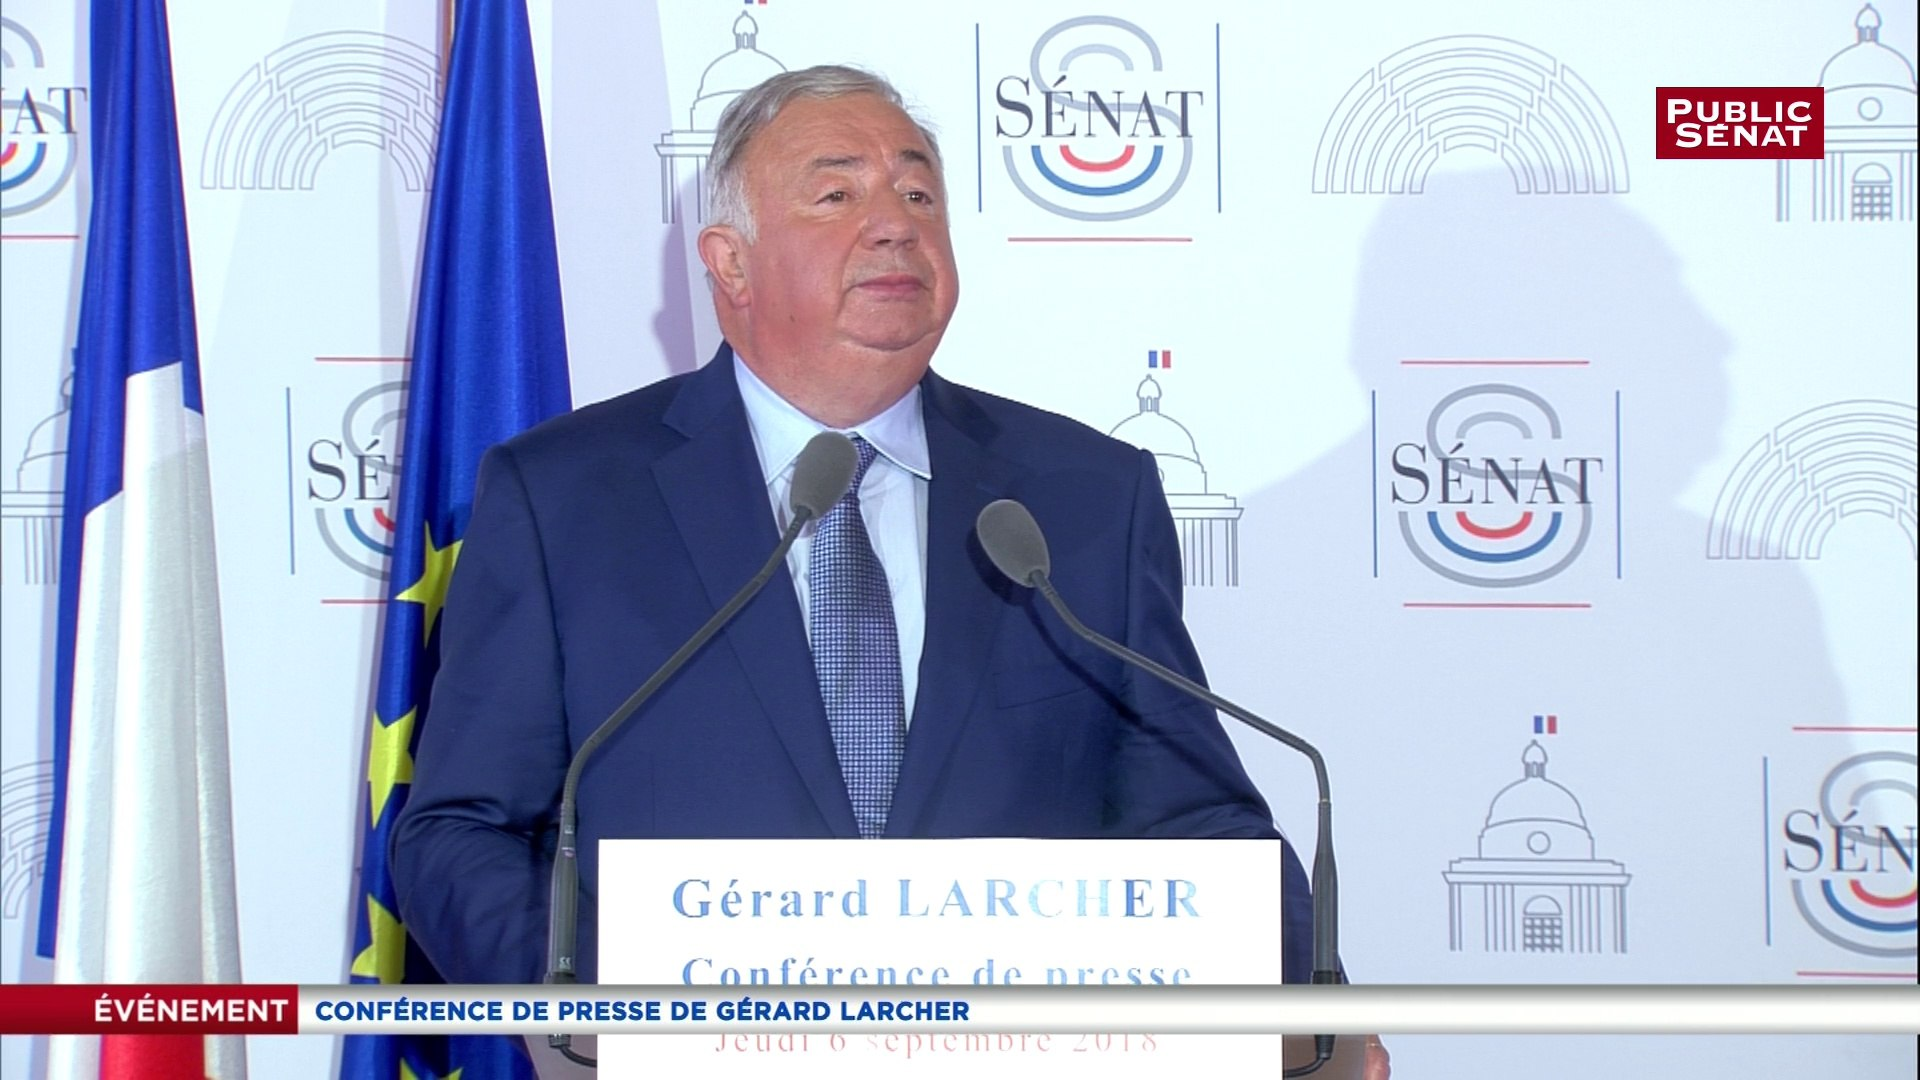 La crise migratoire « peut amener l'Europe à sa déconstruction », avertit Larcher